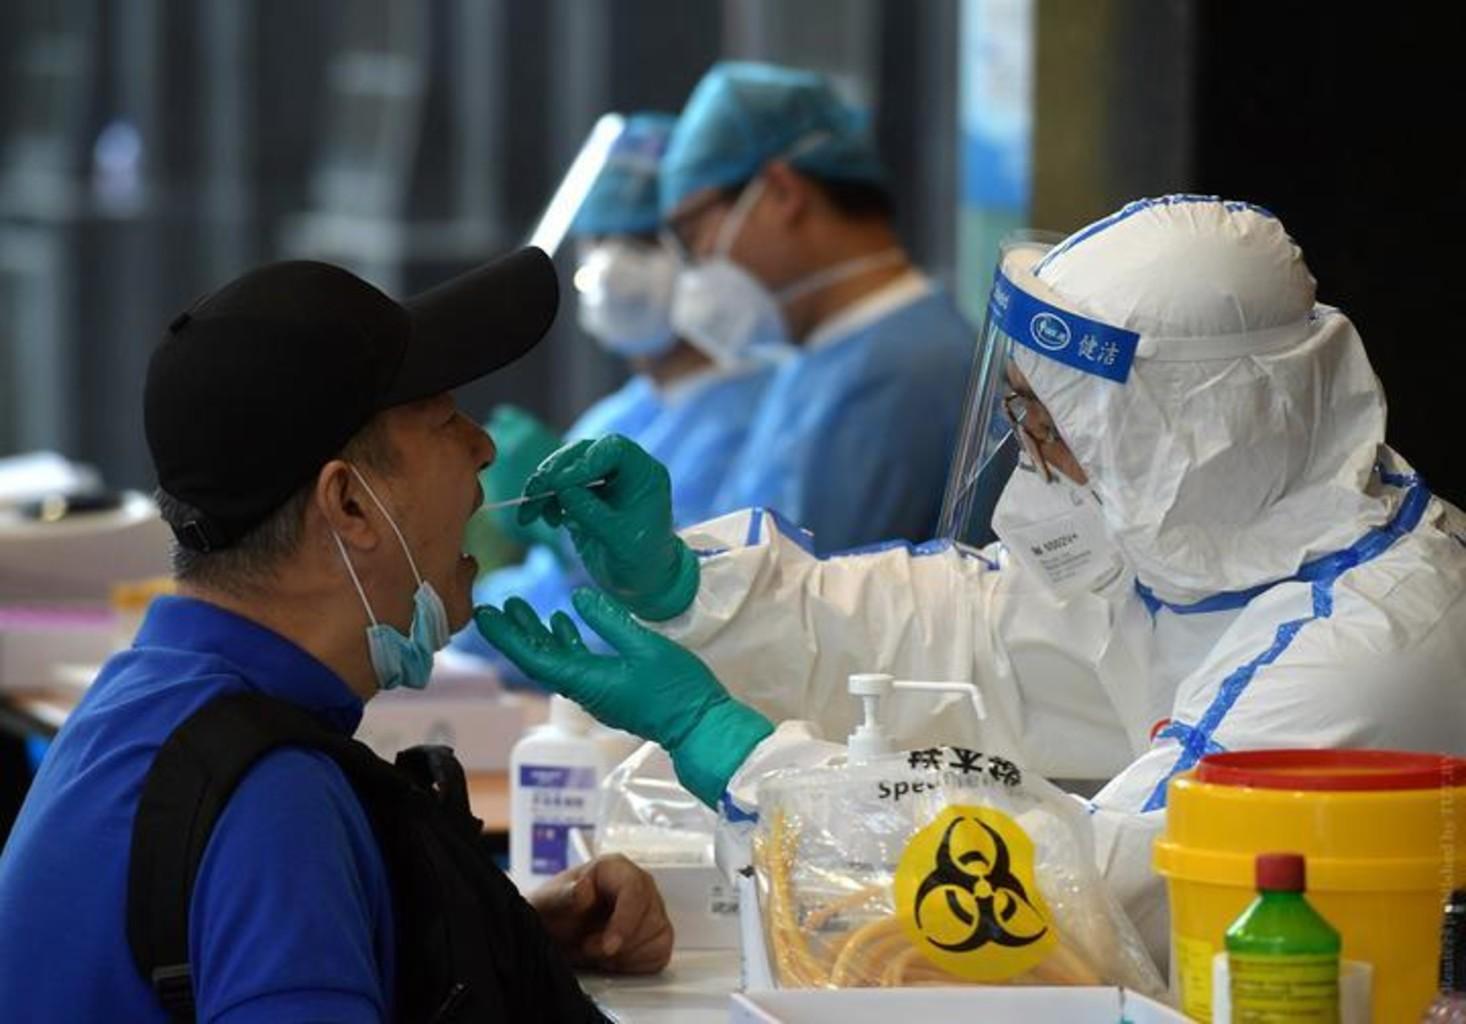 Maska koronavirus test vspyshka pekin